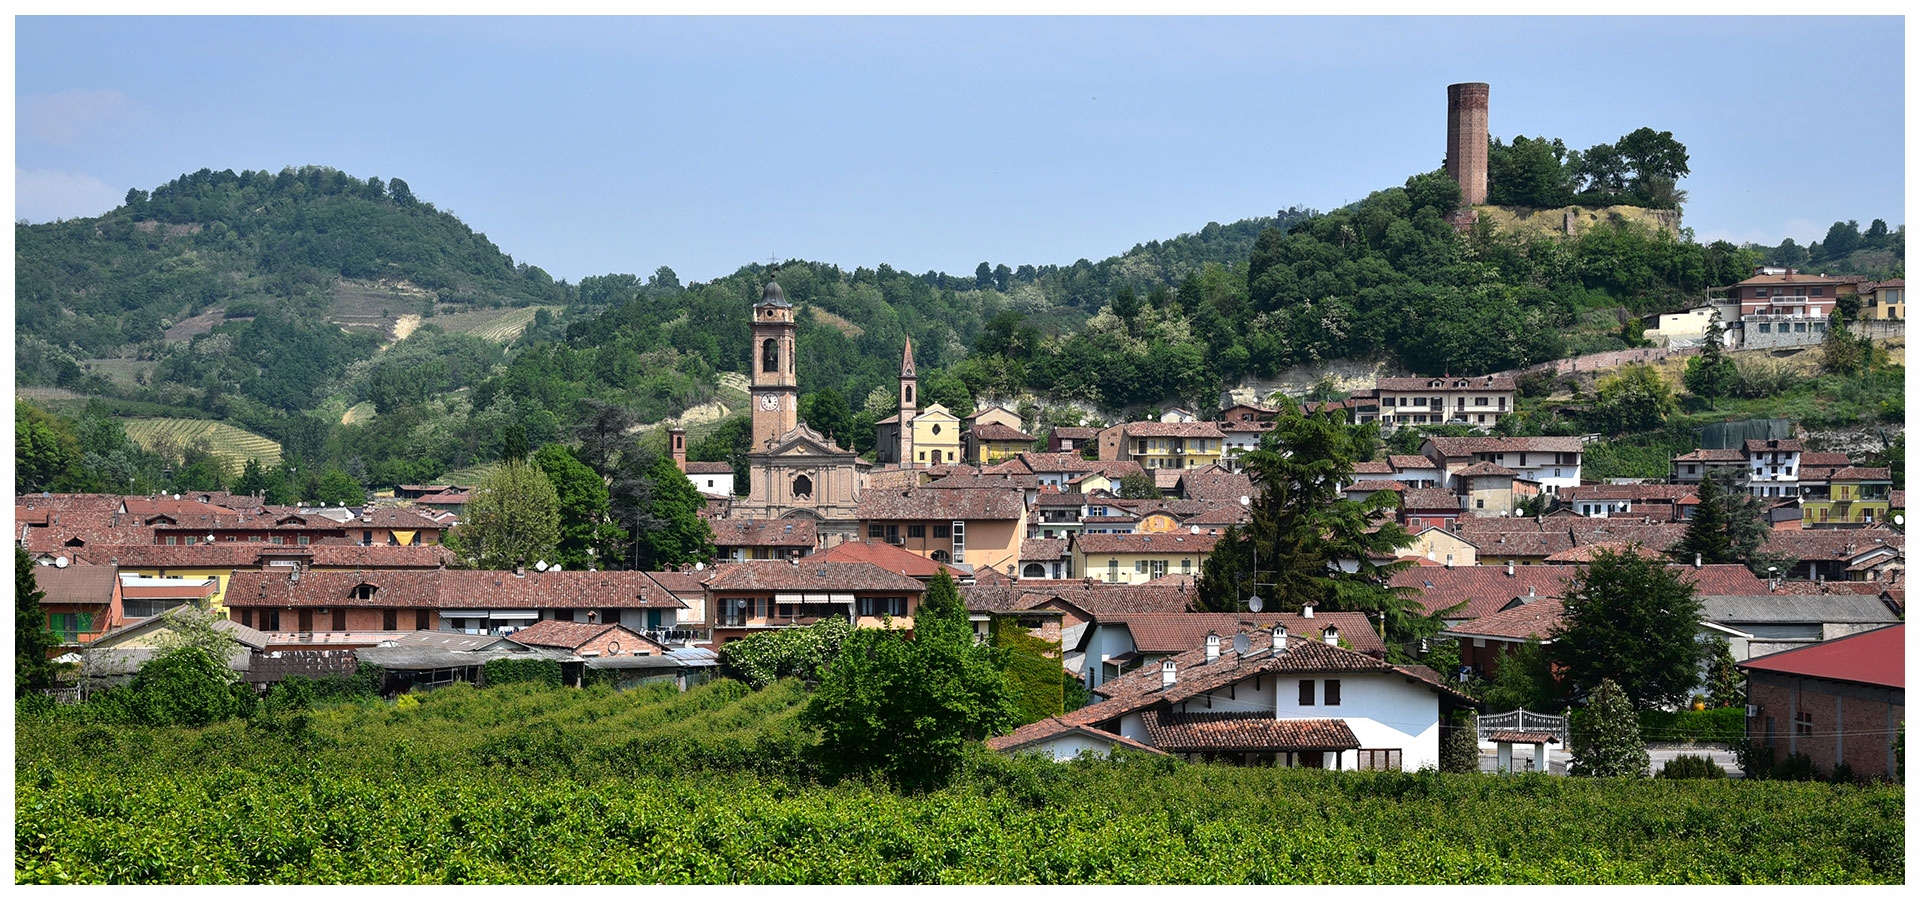 torre-di-corneliano d'alba langhe e roero comune piemonte turismo .jpg